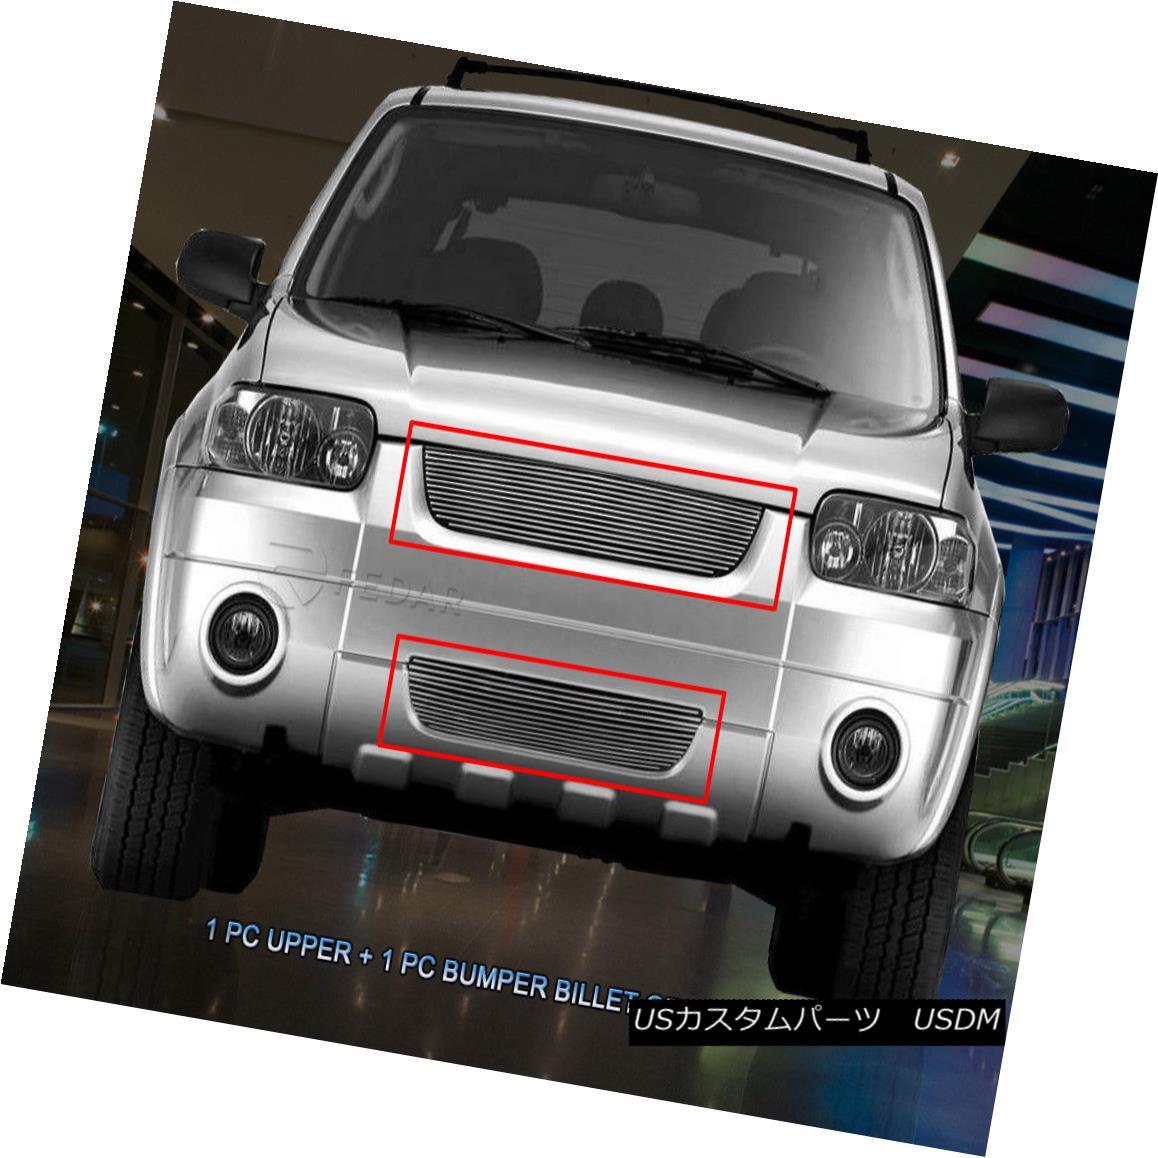 グリル Fedar Fits 2005-2007 Ford Escape Polished Billet Grille Combo Fedarは2005-2007 Ford Escape Polished Billet Grille Comboを適合させる